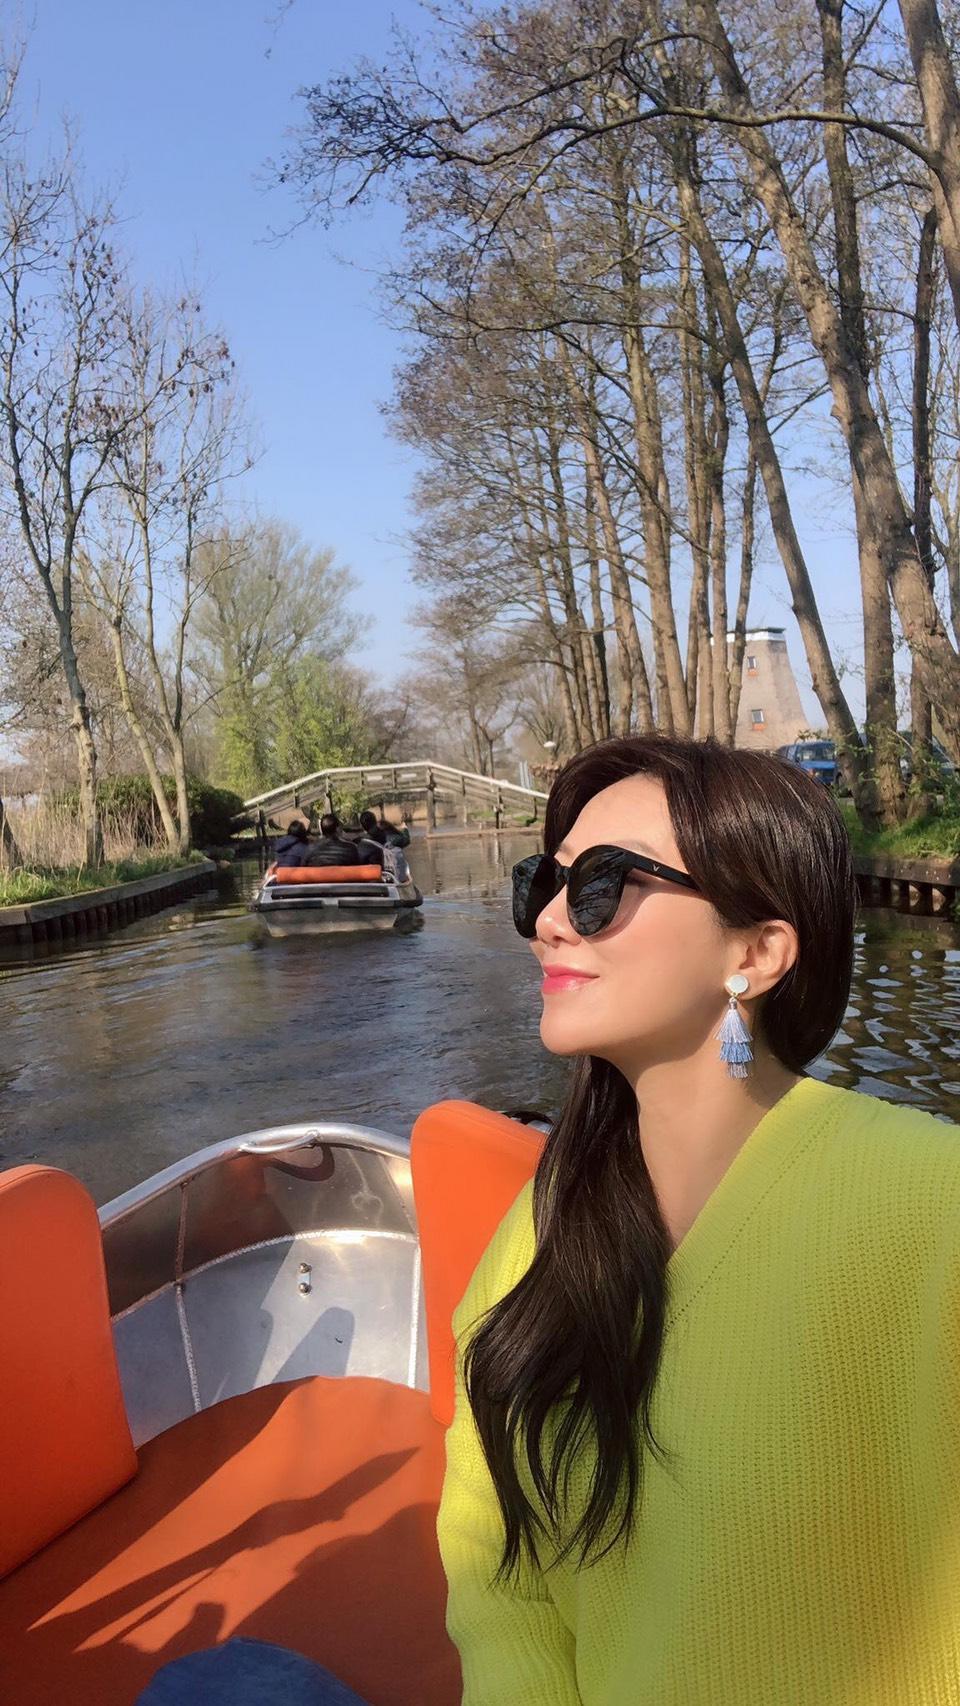 ▲這次旅行去了安特衛普、阿姆斯特丹,兩座不同城市,帶給佩甄截然不同的感受。